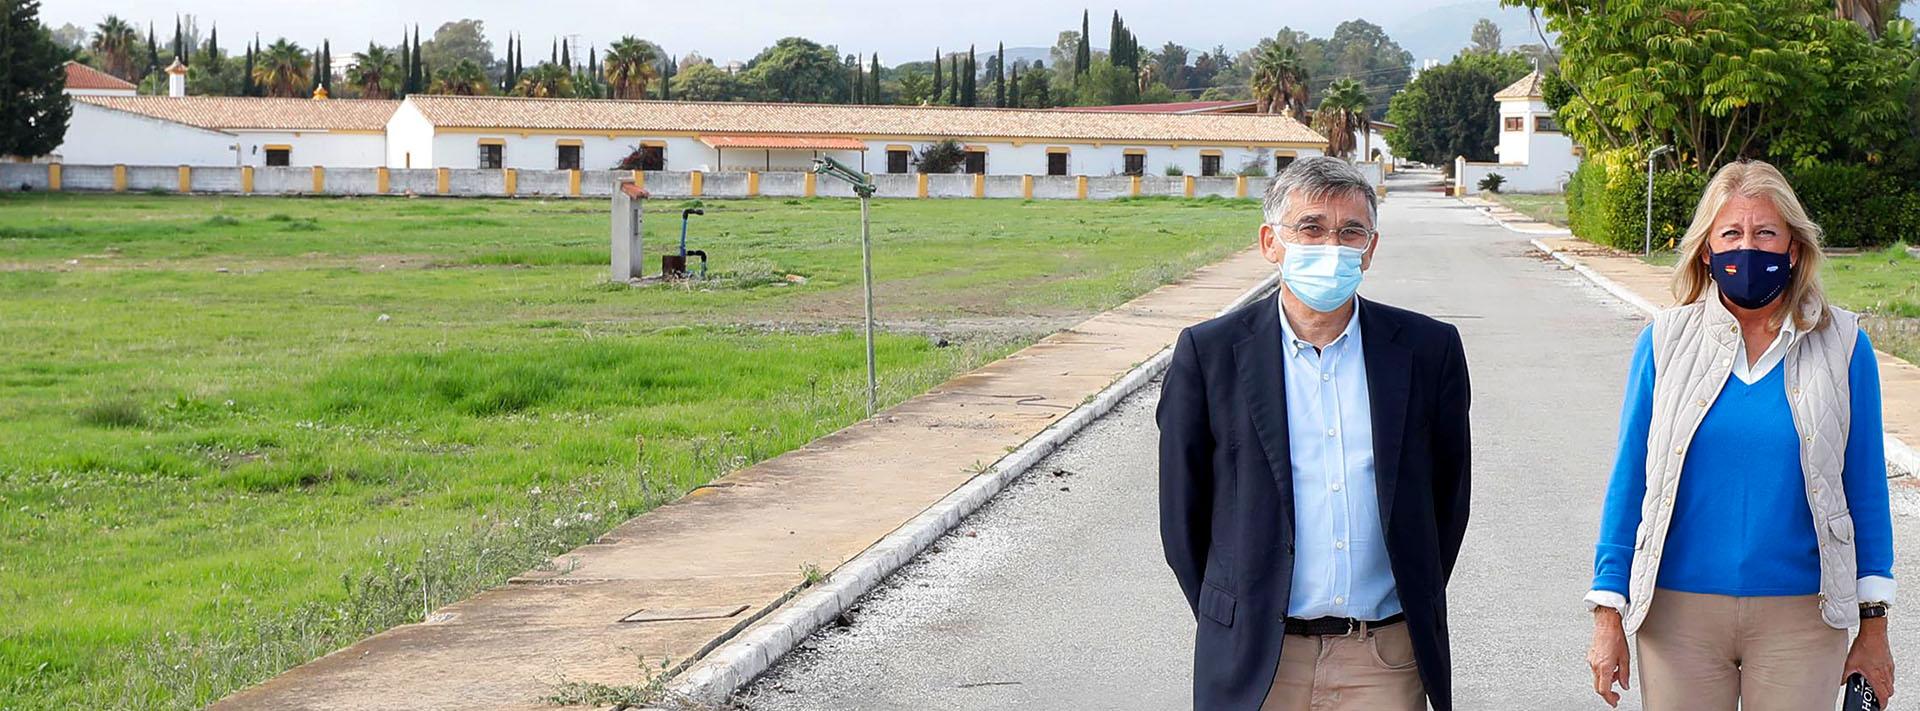 Finca La Caridad se convertirá recinto ferial para San Pedro Alcántara y Nueva Andalucía